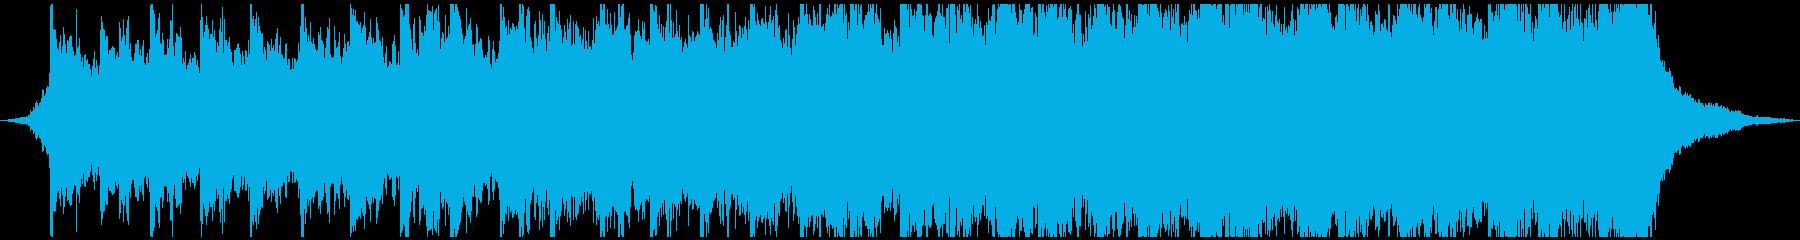 イントロトレーラーの再生済みの波形